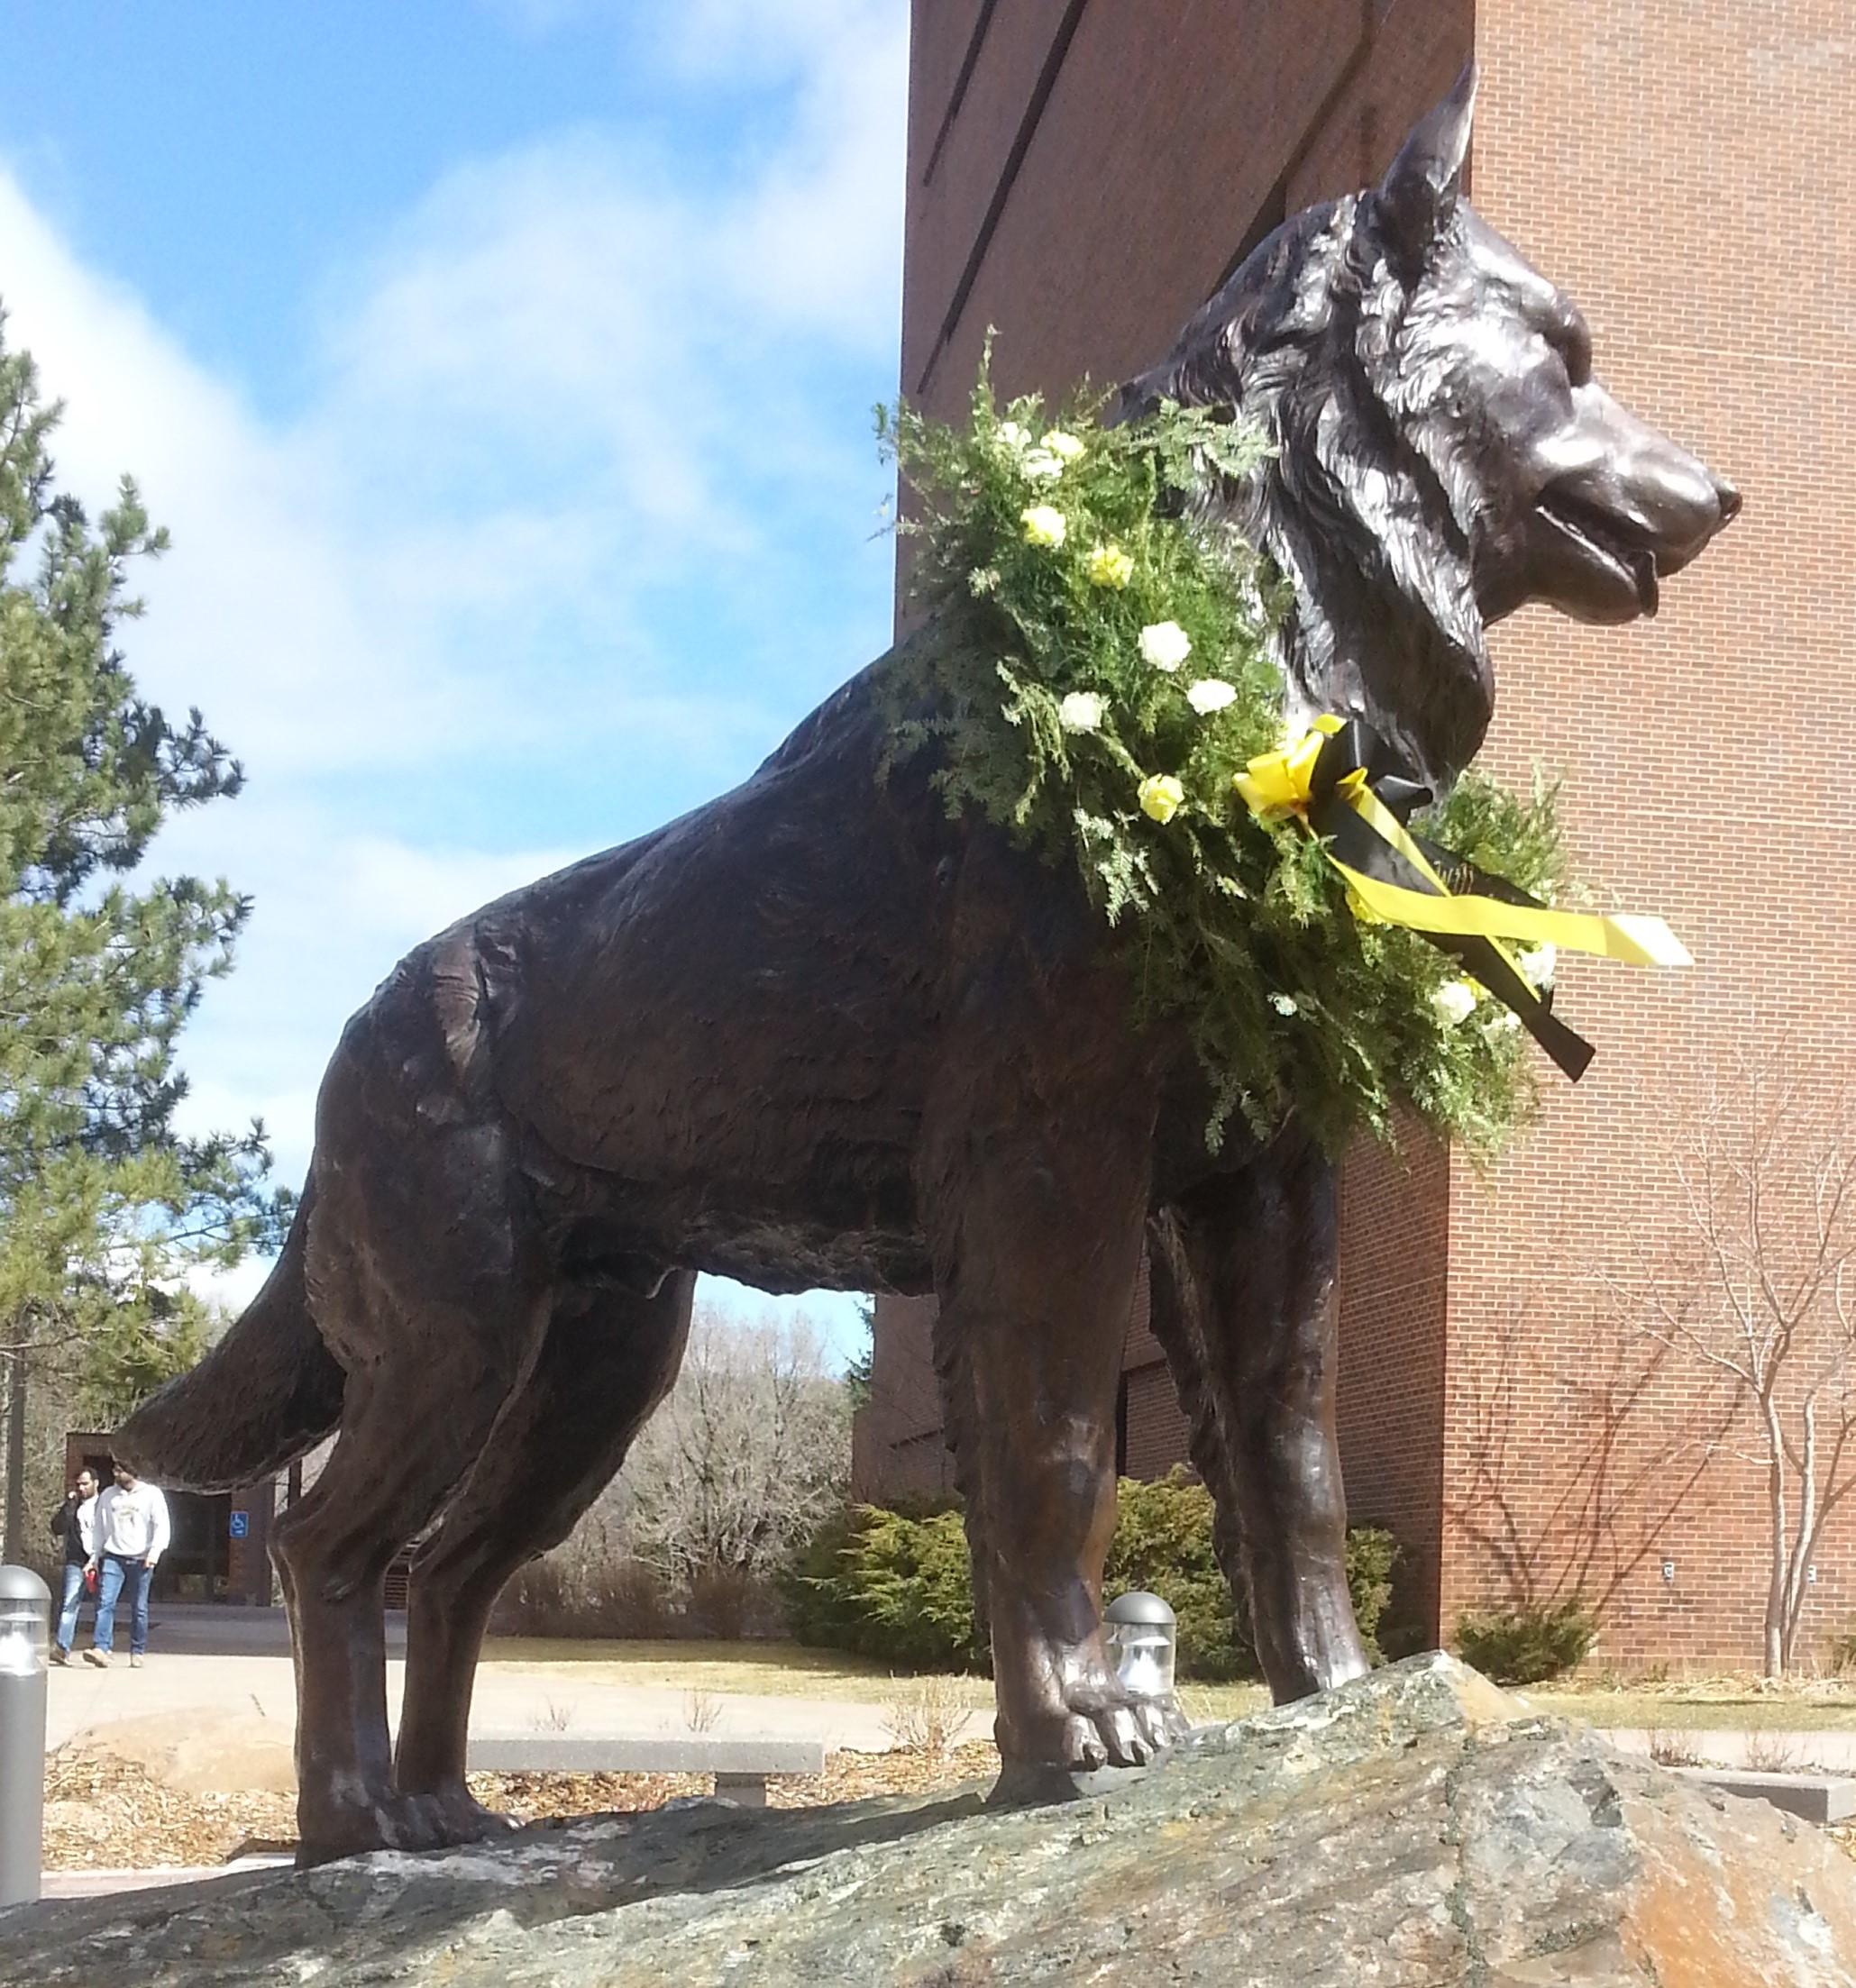 Michigan Tech campus flower delivery, houghton-hancock, mi